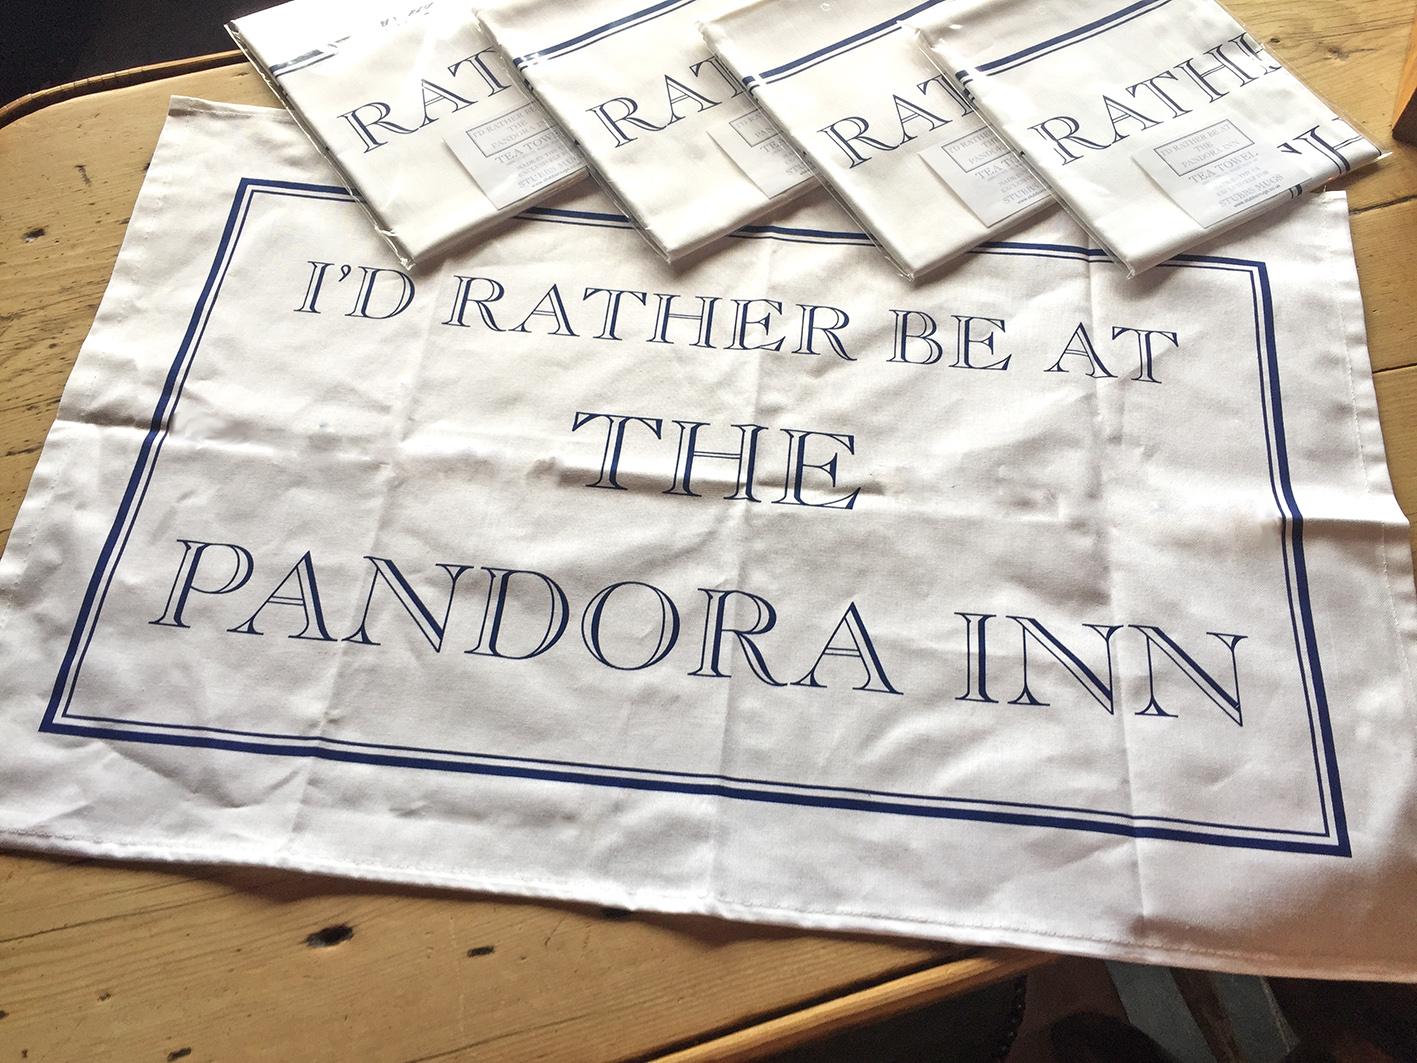 Pandora Inn teatowel